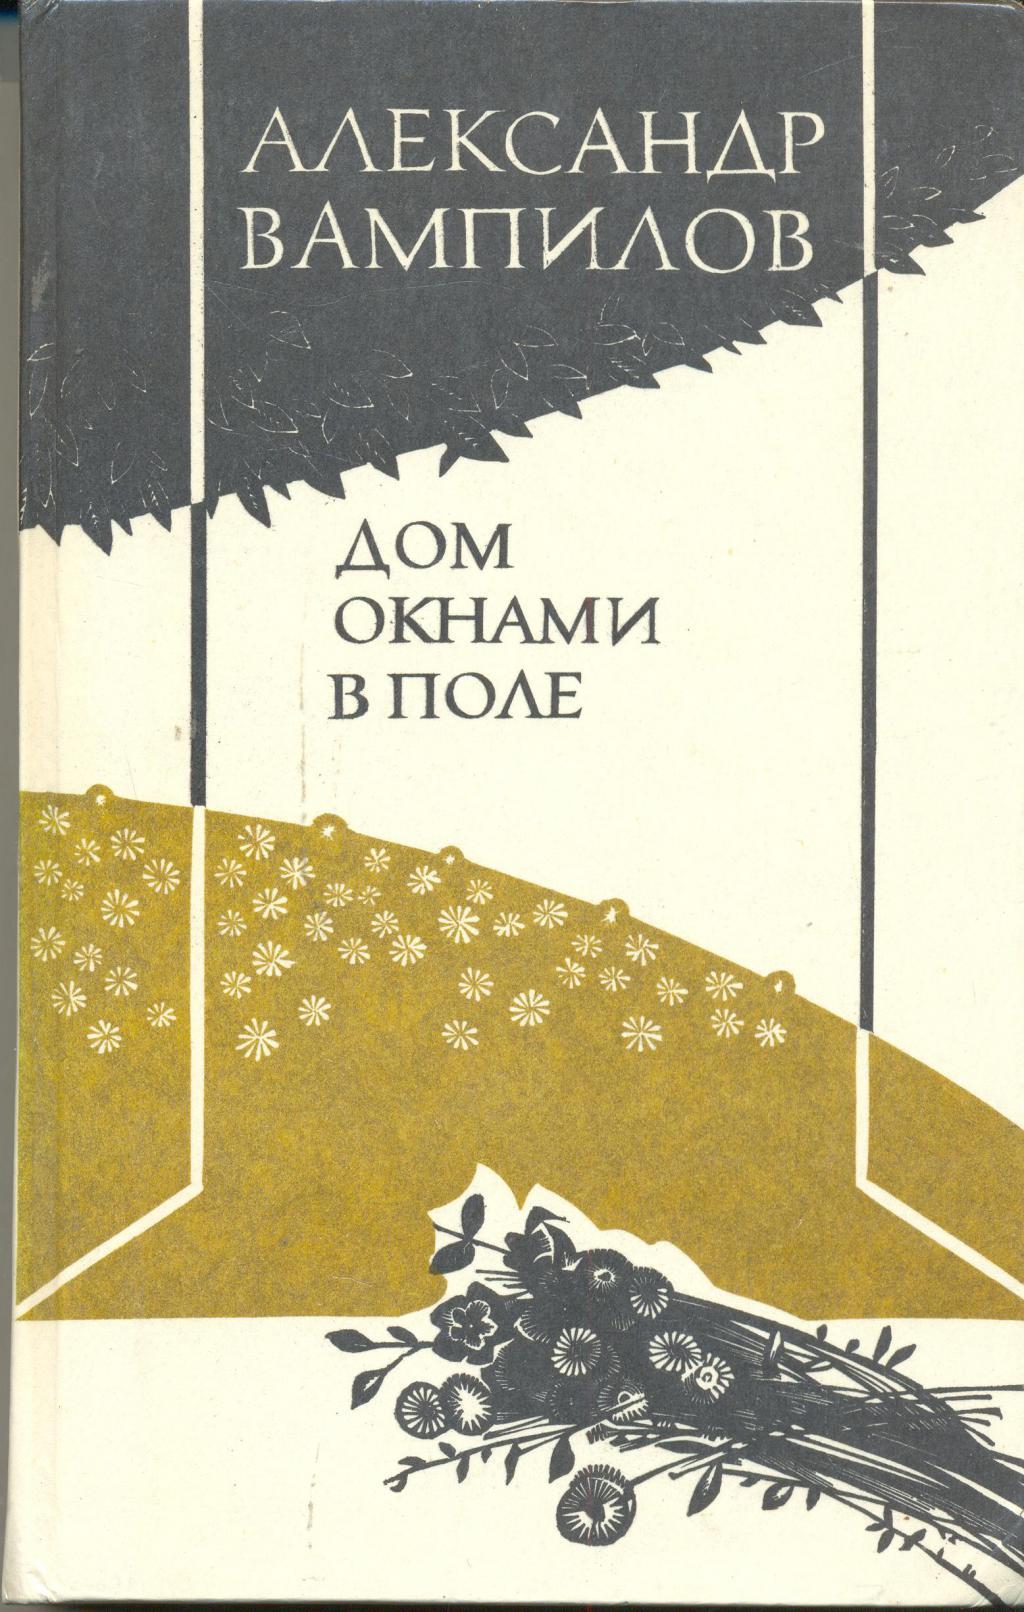 работники административно-хозяйственной рассказы вампилов аудио книги интересующее предложение Сбербанка